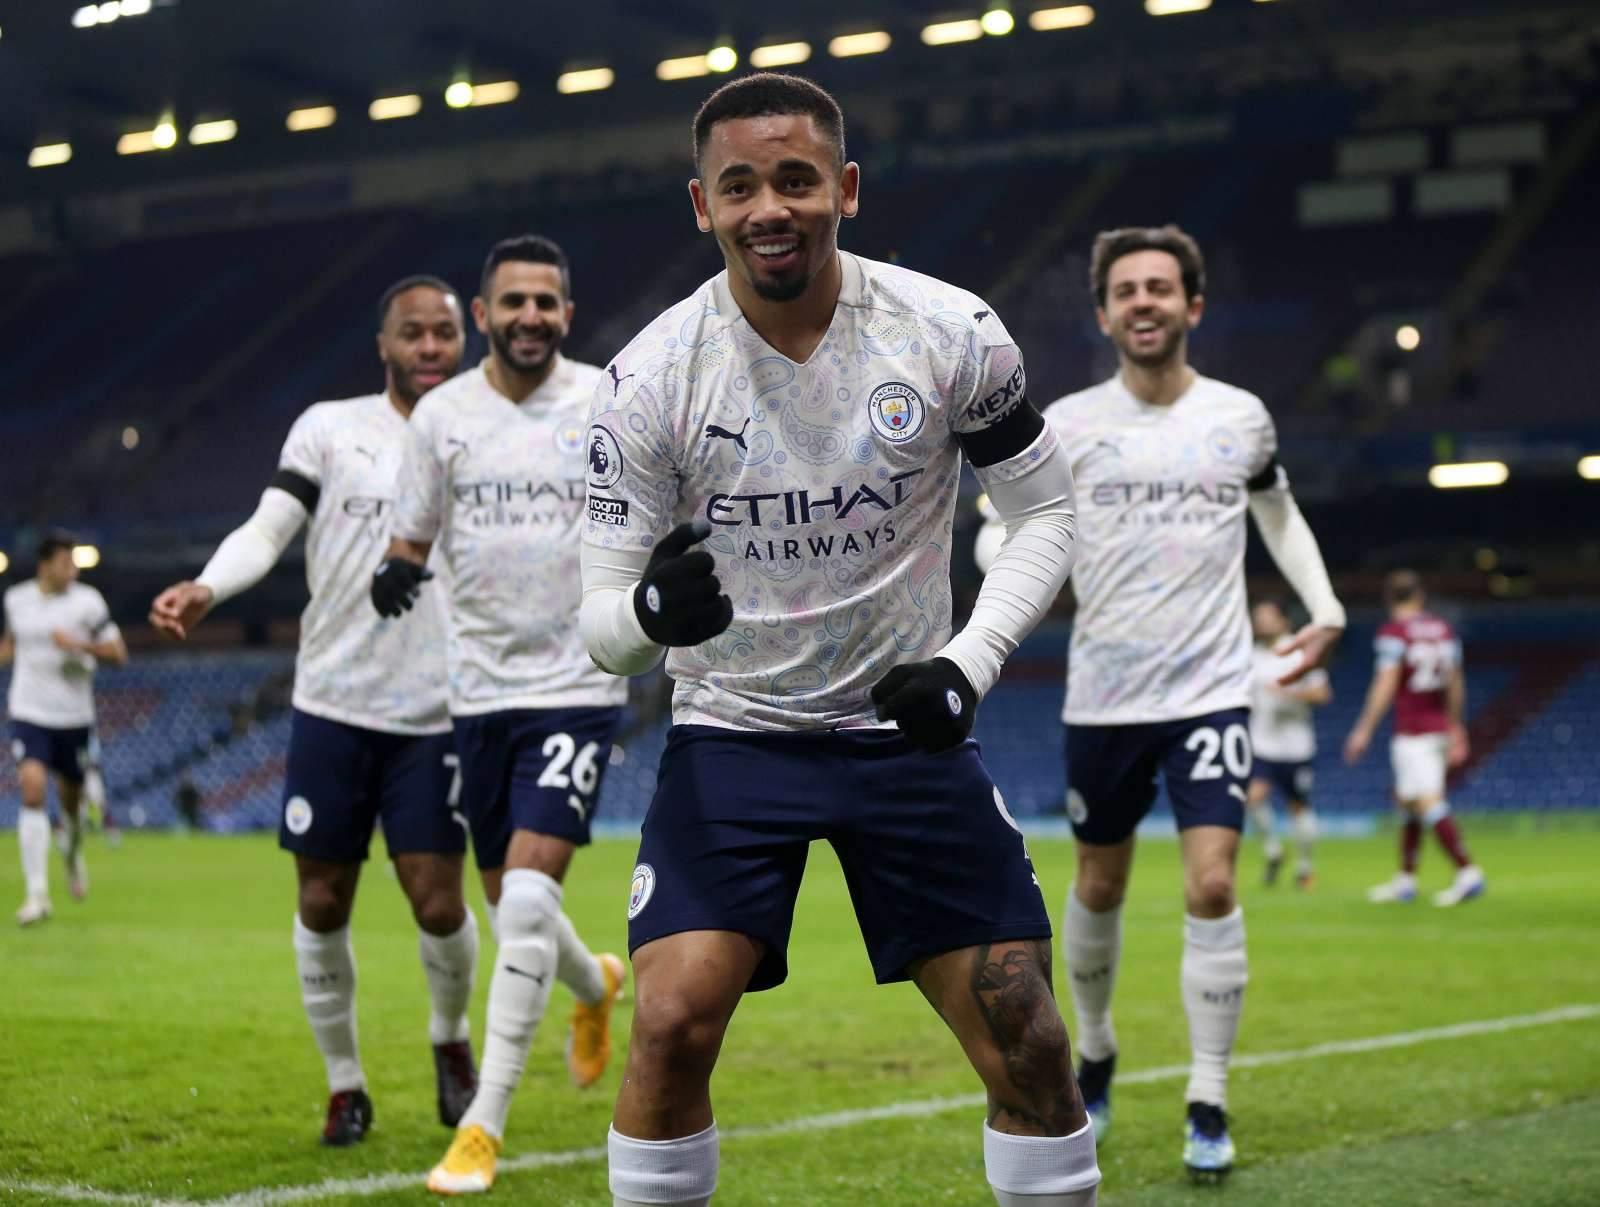 «Астон Вилла» - «Манчестер Сити» - 1:2 (закончен)